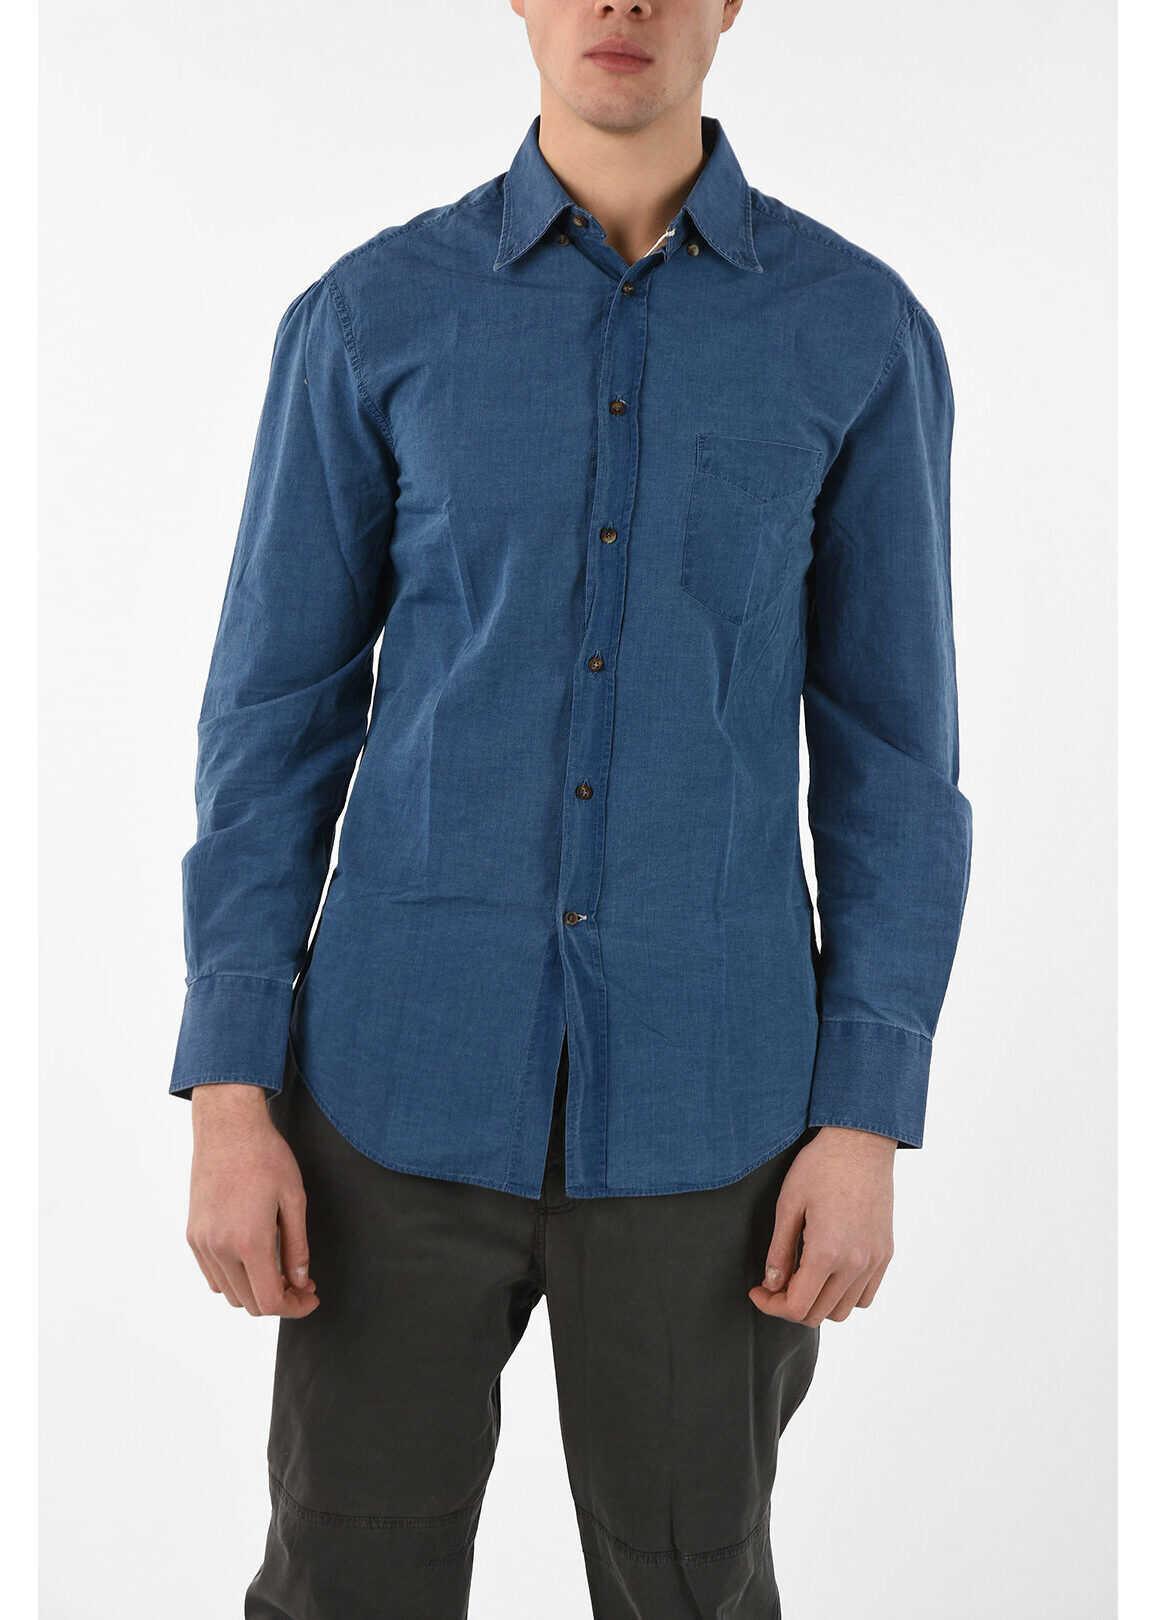 Brunello Cucinelli Camicia Button Down SLIM FIT in Denim BLUE imagine